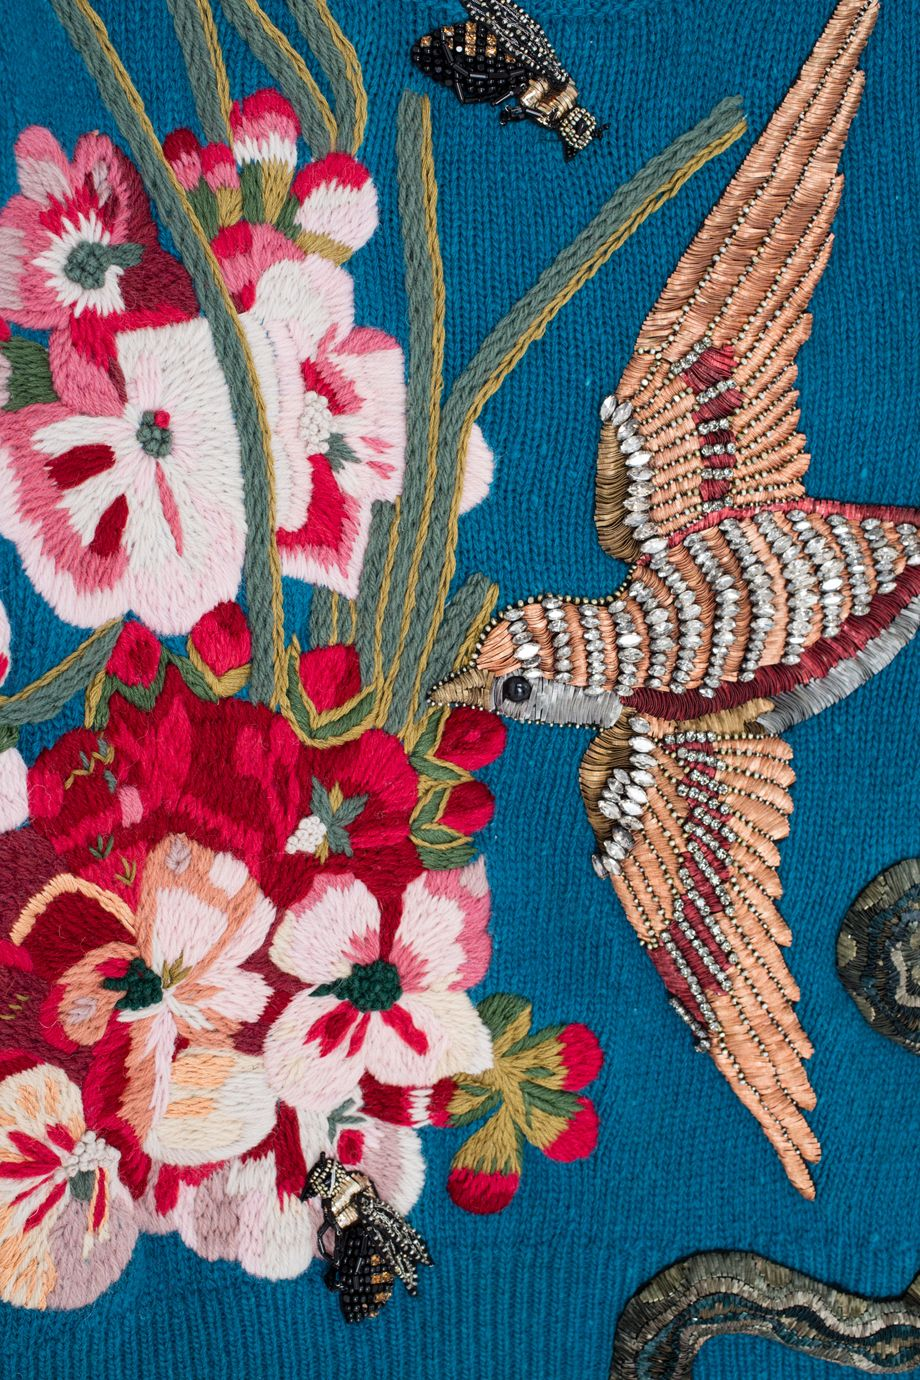 Вязаный свитер из шерсти мериноса бирюзового цвета. Модель декорирована жаккардовой вышивкой и стразами: яркие цветочные бутоны, птица, змея – главные «герои» этого мастхэва. Носите с прозрачными юбками (как это было на показе) или джинсами-клеш.